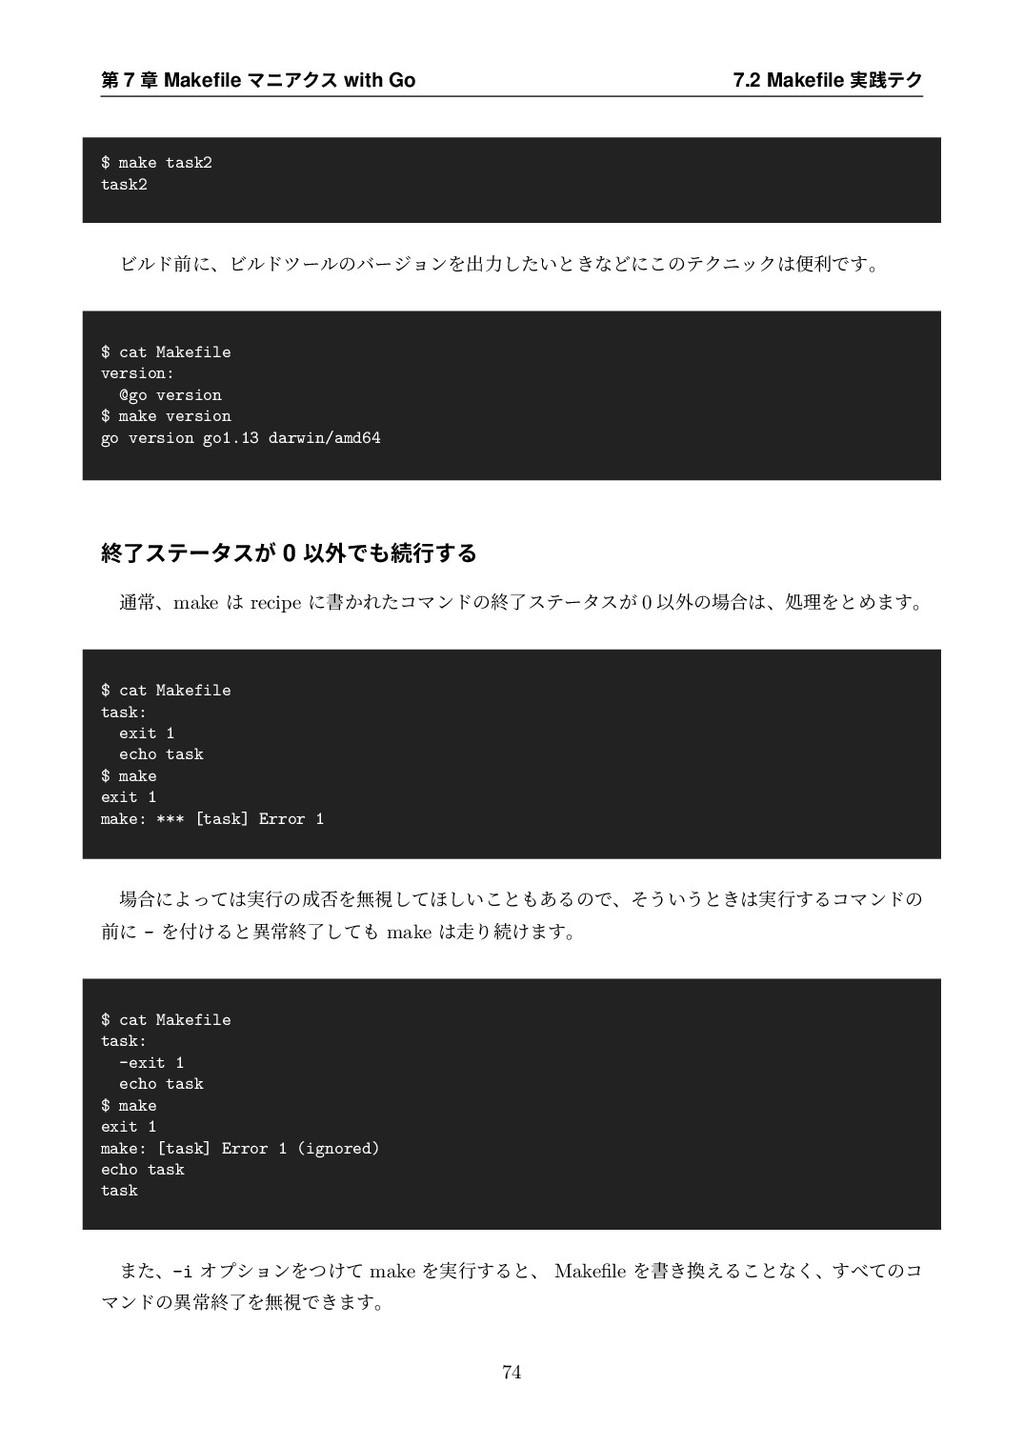 第 7 章 Makefile マニアクス with Go 7.2 Makefile 実践テク $ ...